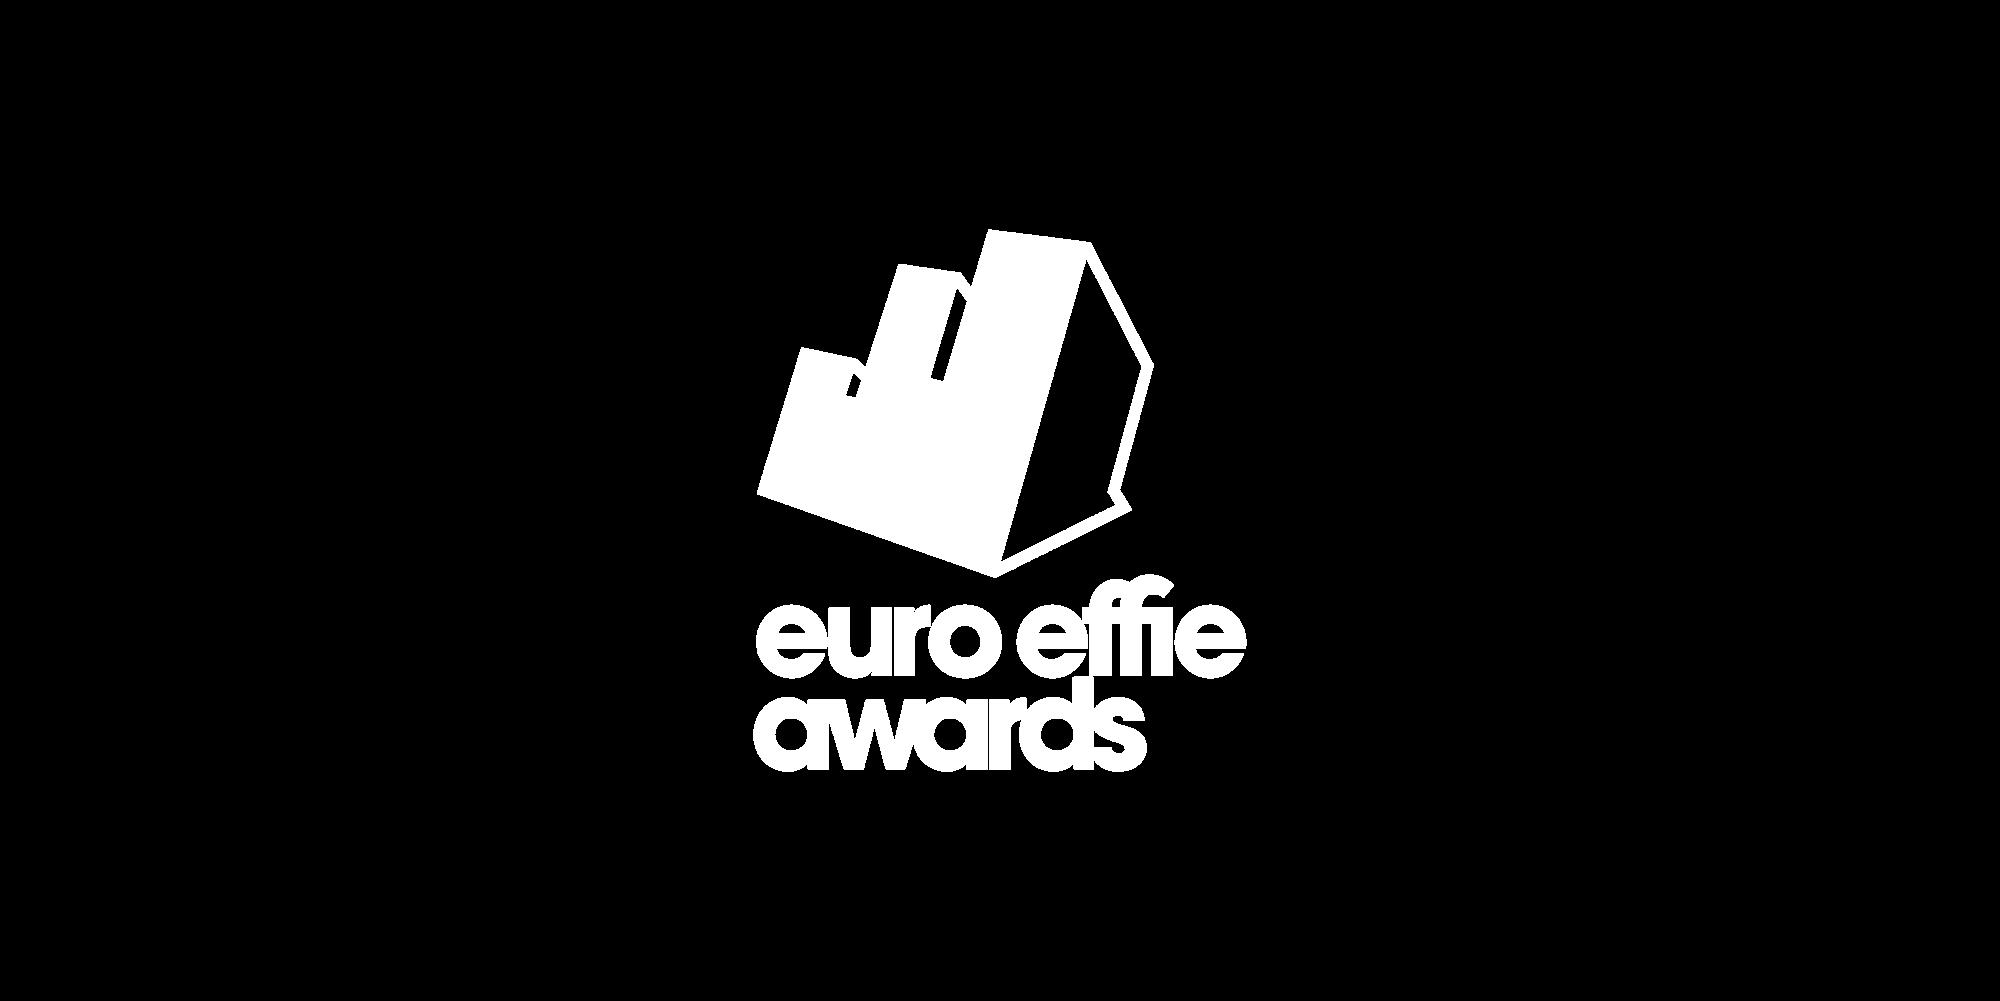 Euro Effie